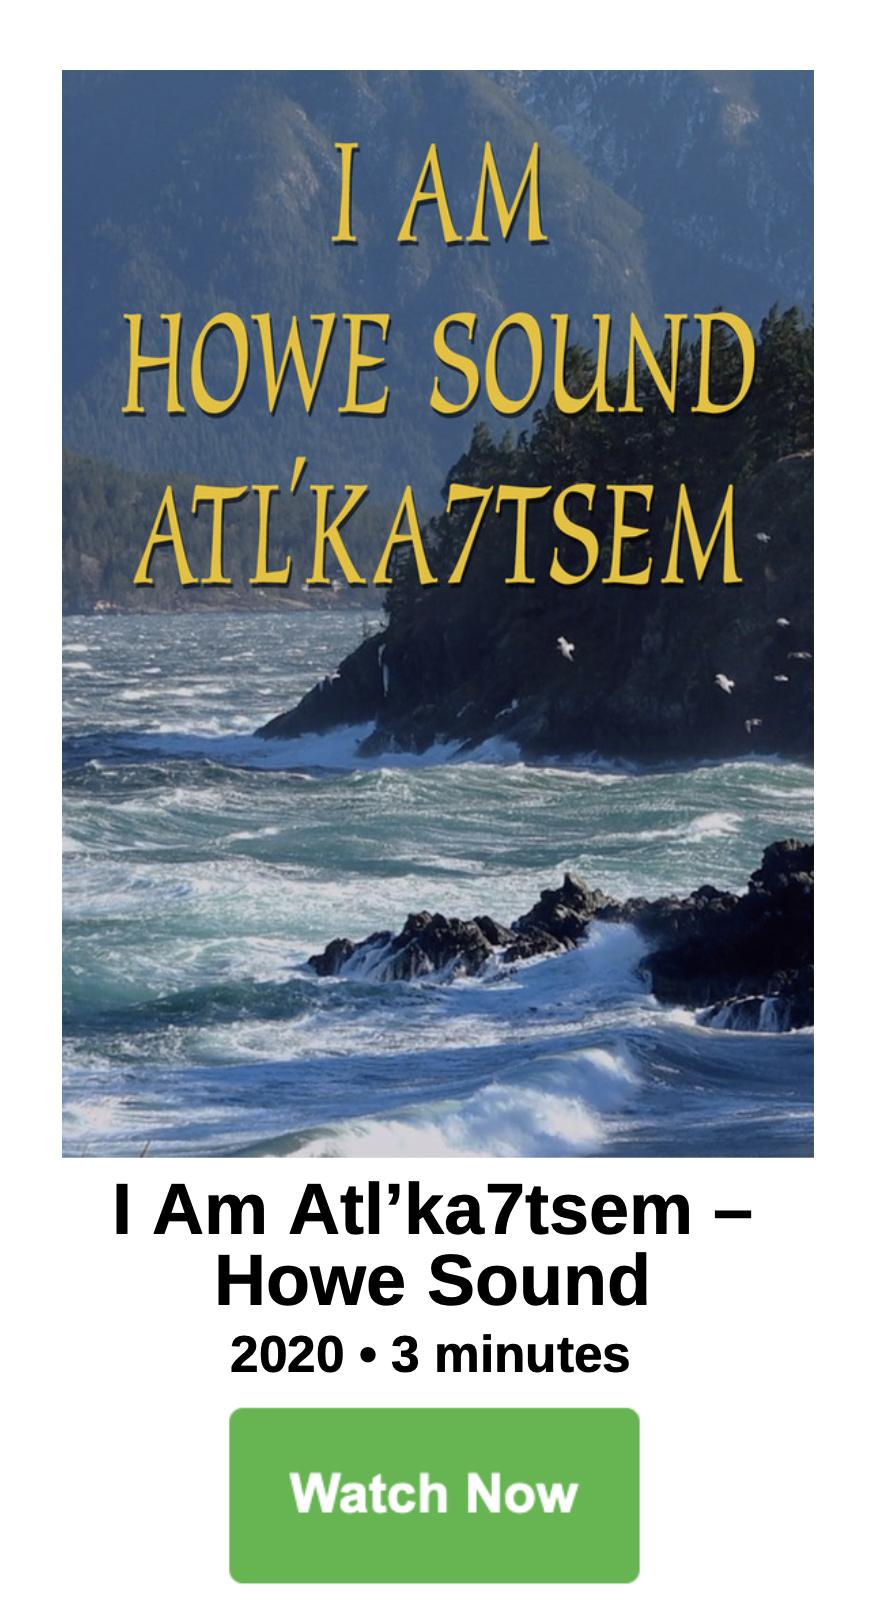 I Am Howe Sound Atl'Ka7tsem